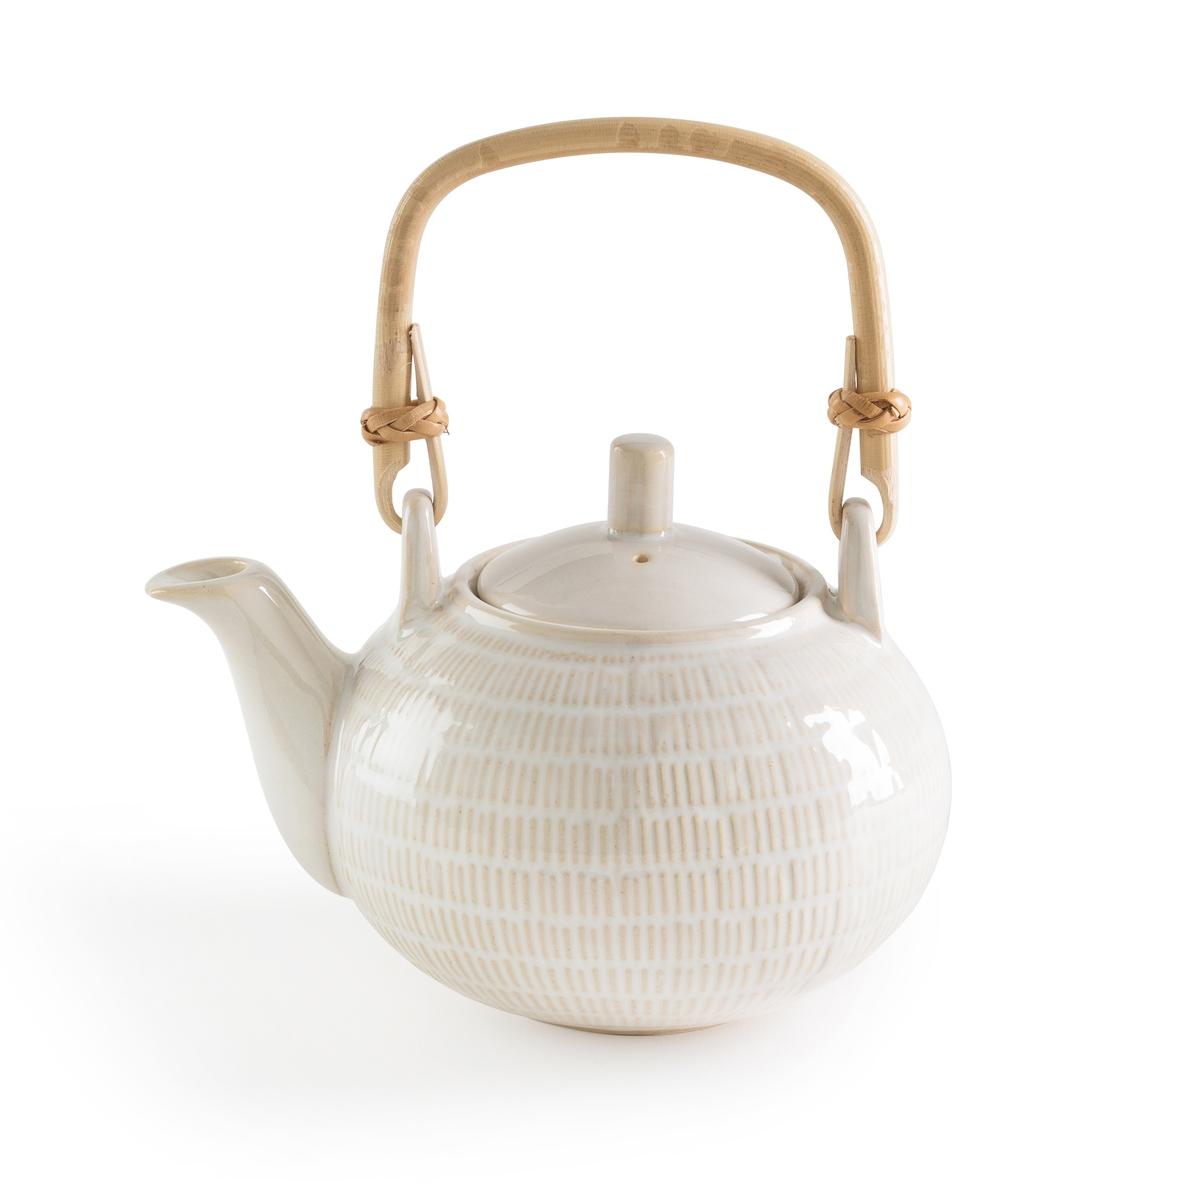 Чайник заварочный с ручкой из ротангаLOKJI